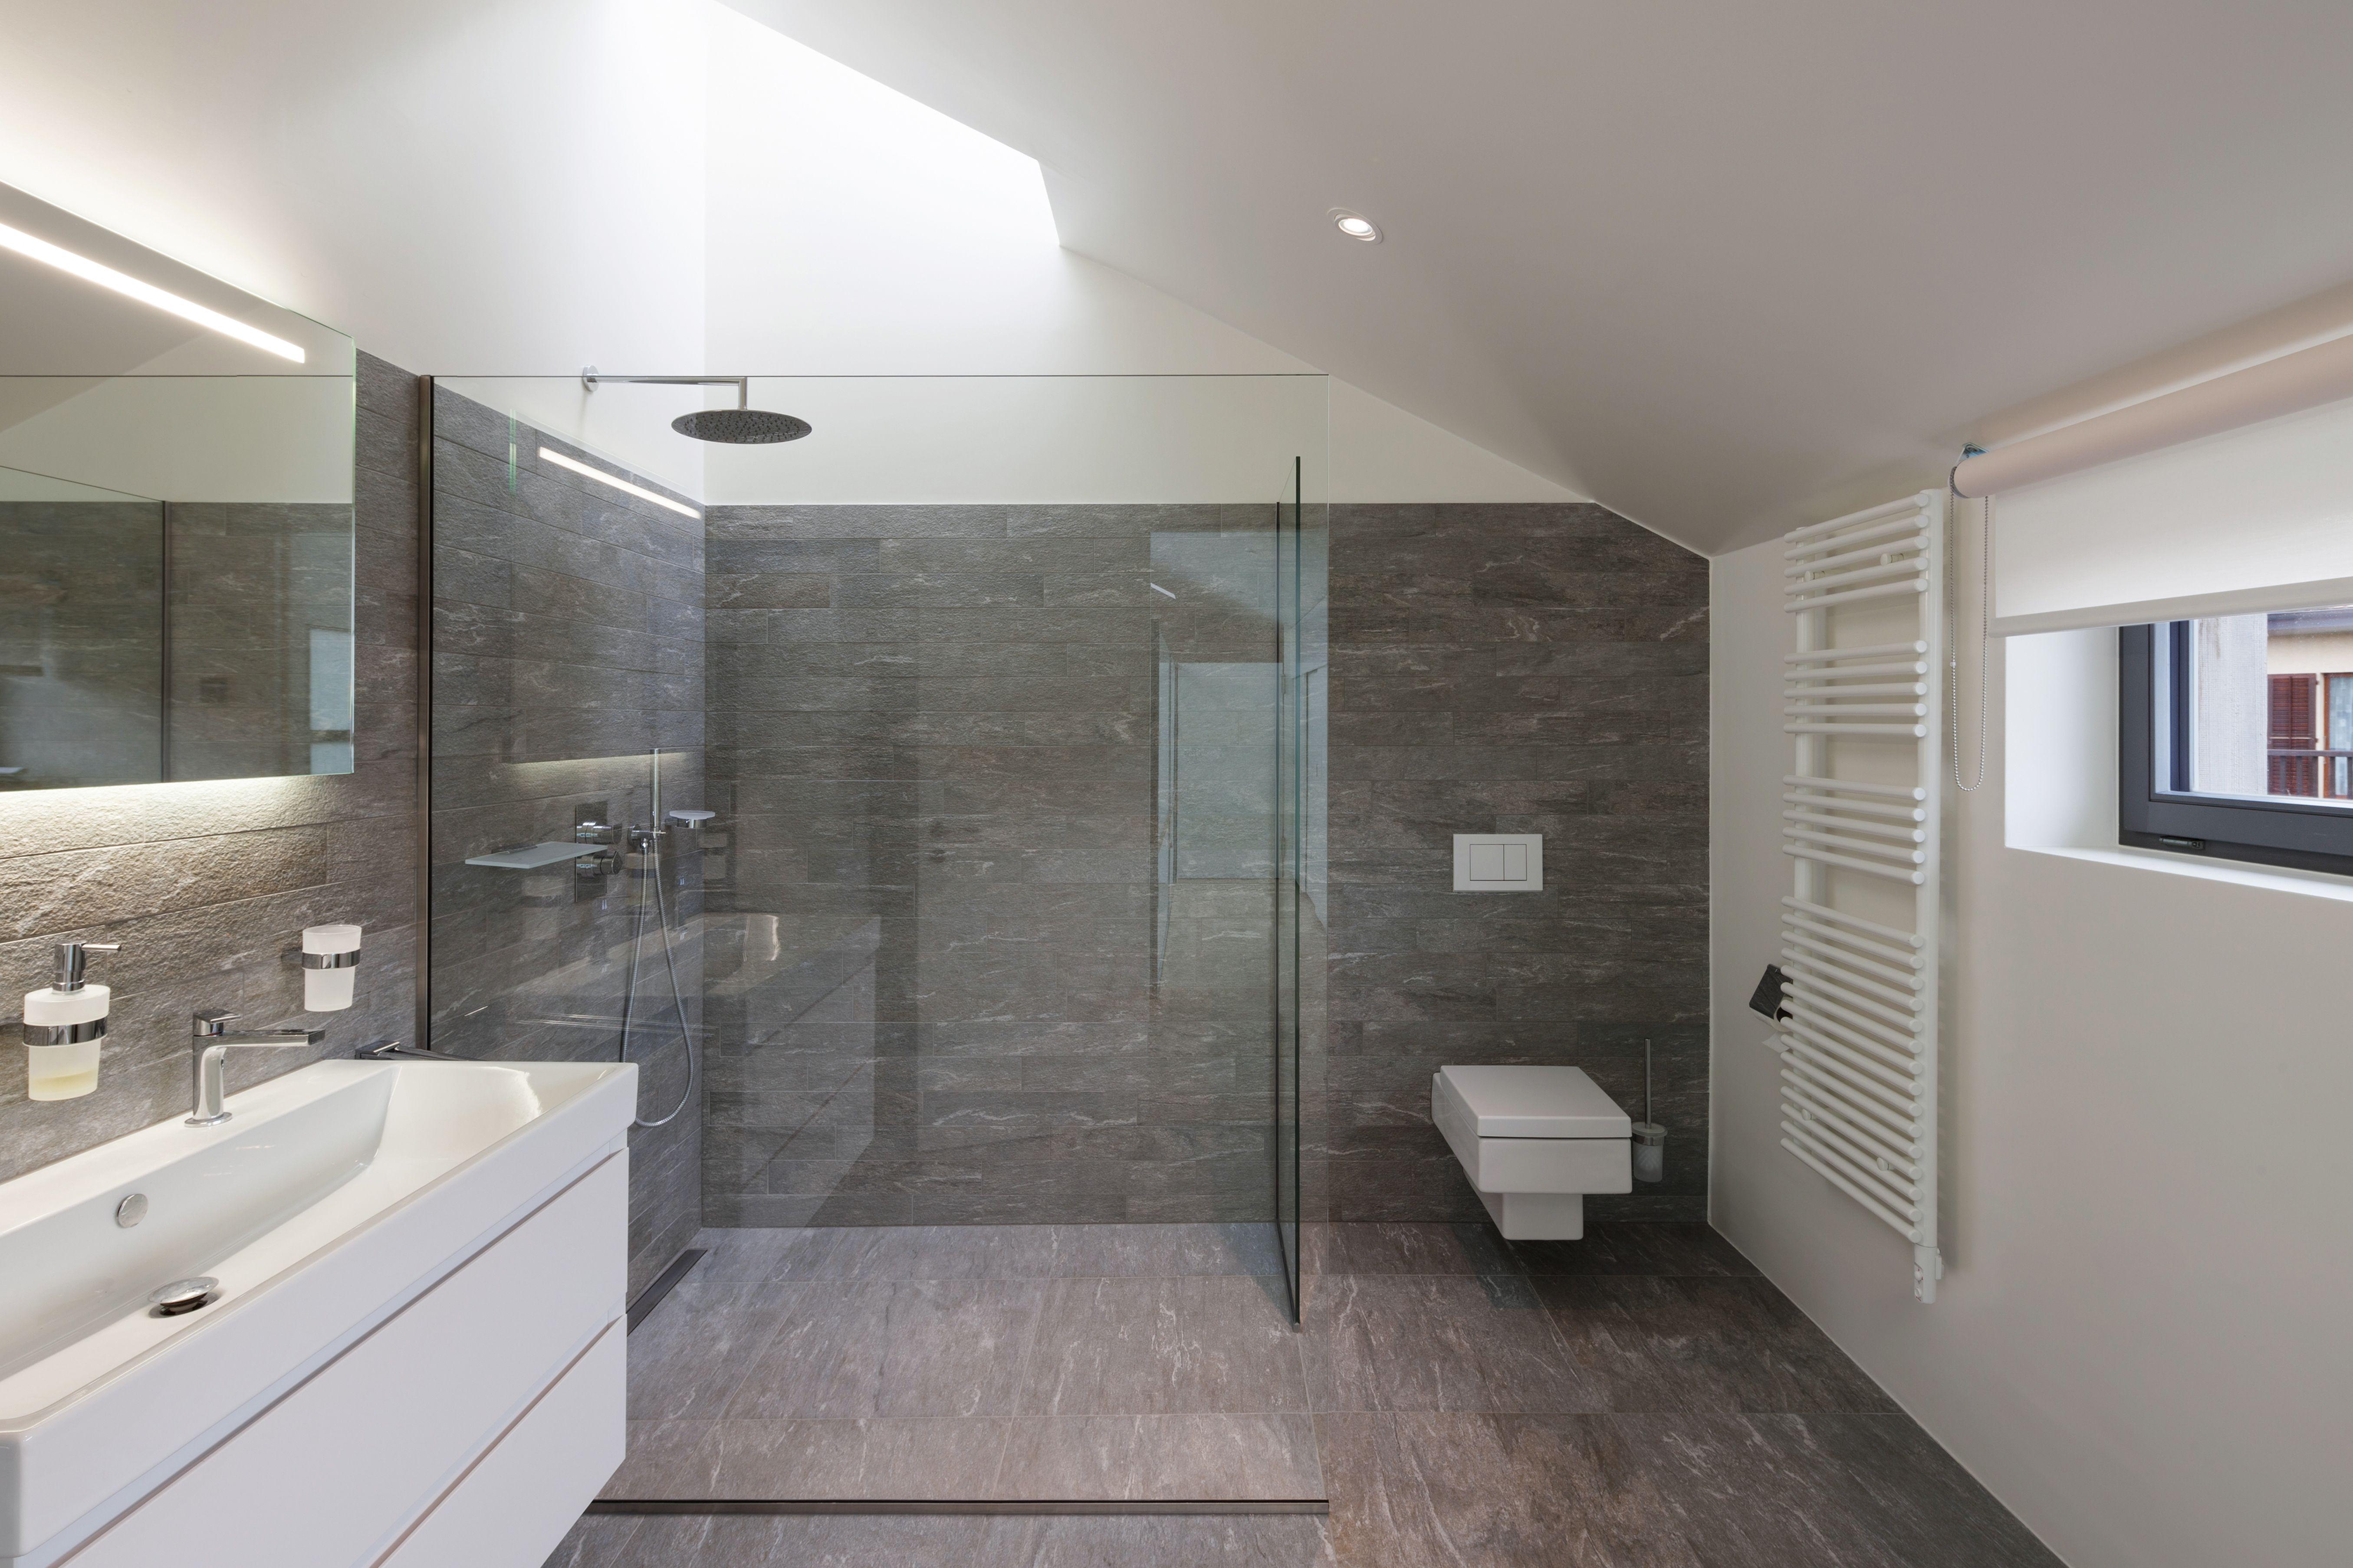 Reformas y rehabilitaciones de baños en Madrid